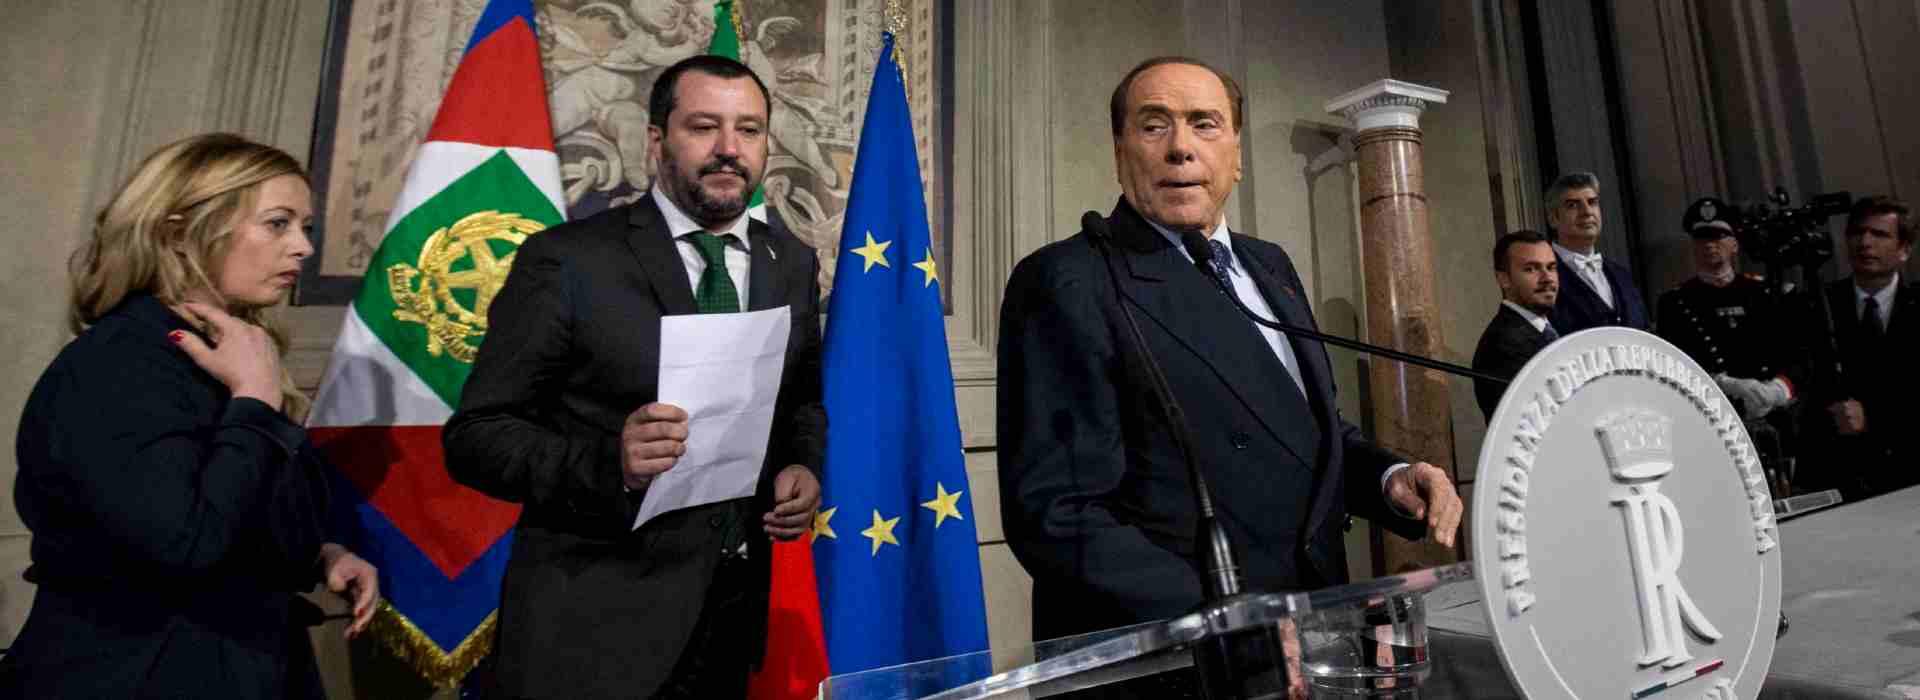 Berlusconi salva il governo: il centrodestra vota lo scostamento di bilancio. Di Maio soddisfatto